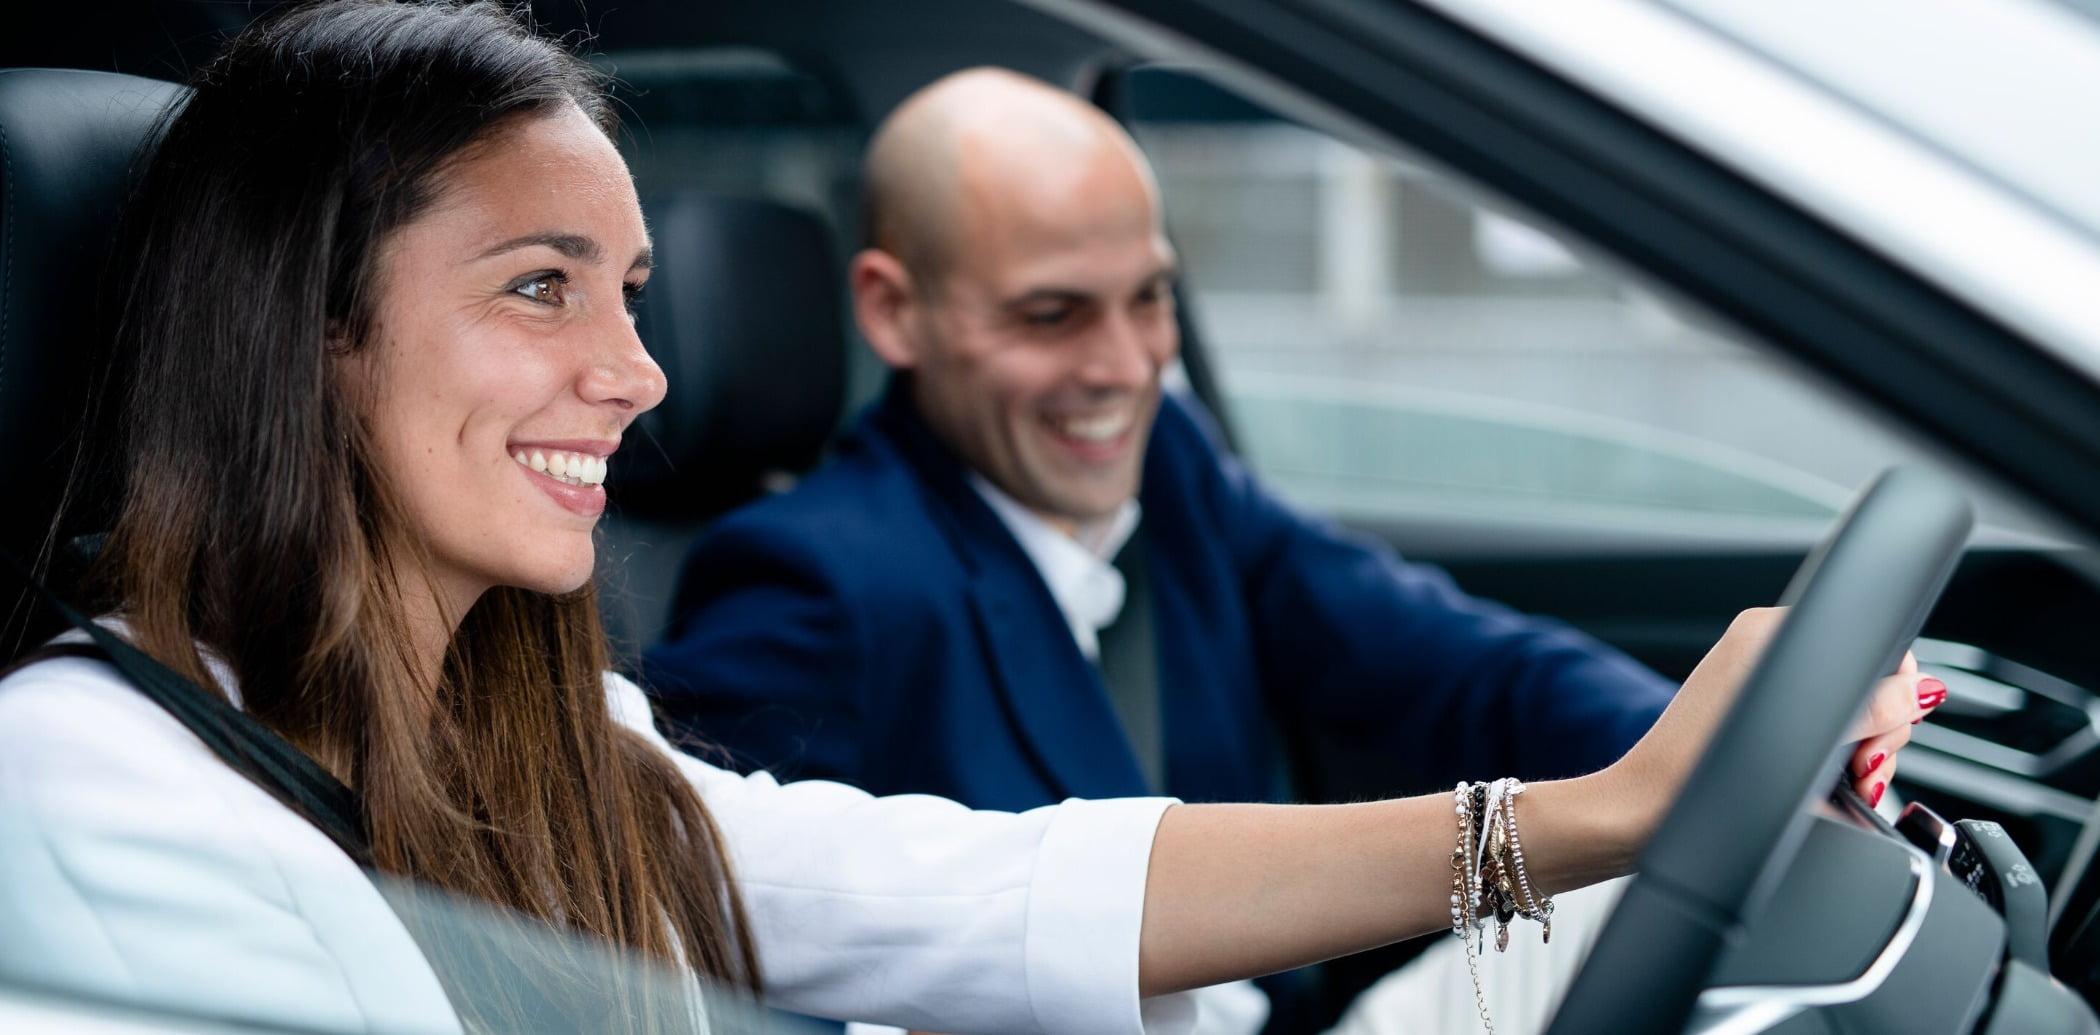 Motor vehicle, Automotive design, Smile, Face, Hand, Car, Coat, Gesture, Suit